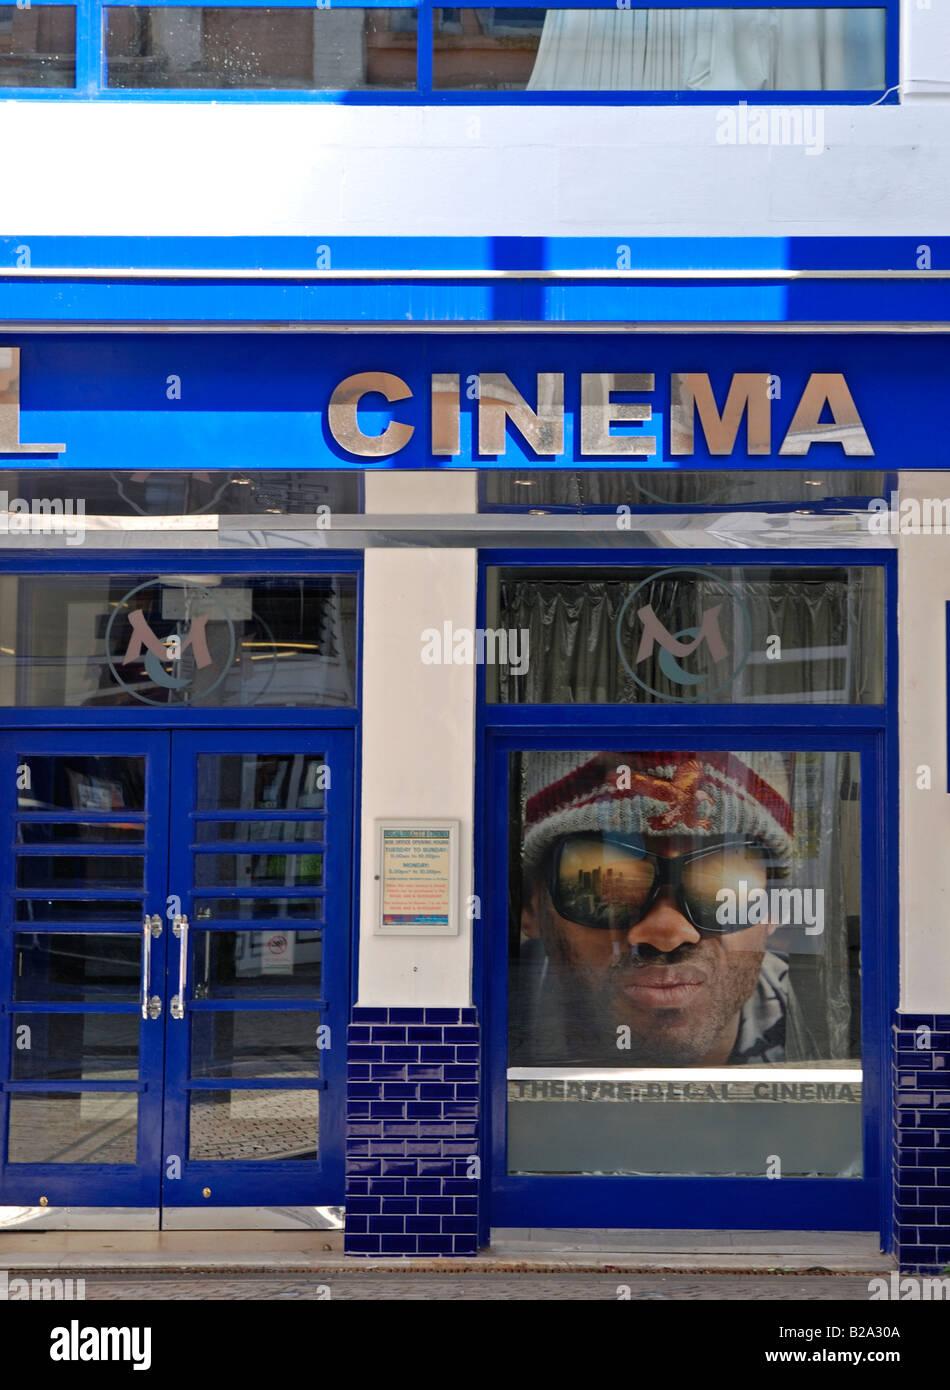 Un gros plan d'une porte d'entrée de cinéma avec une publicité pour le film 'hancock' Photo Stock